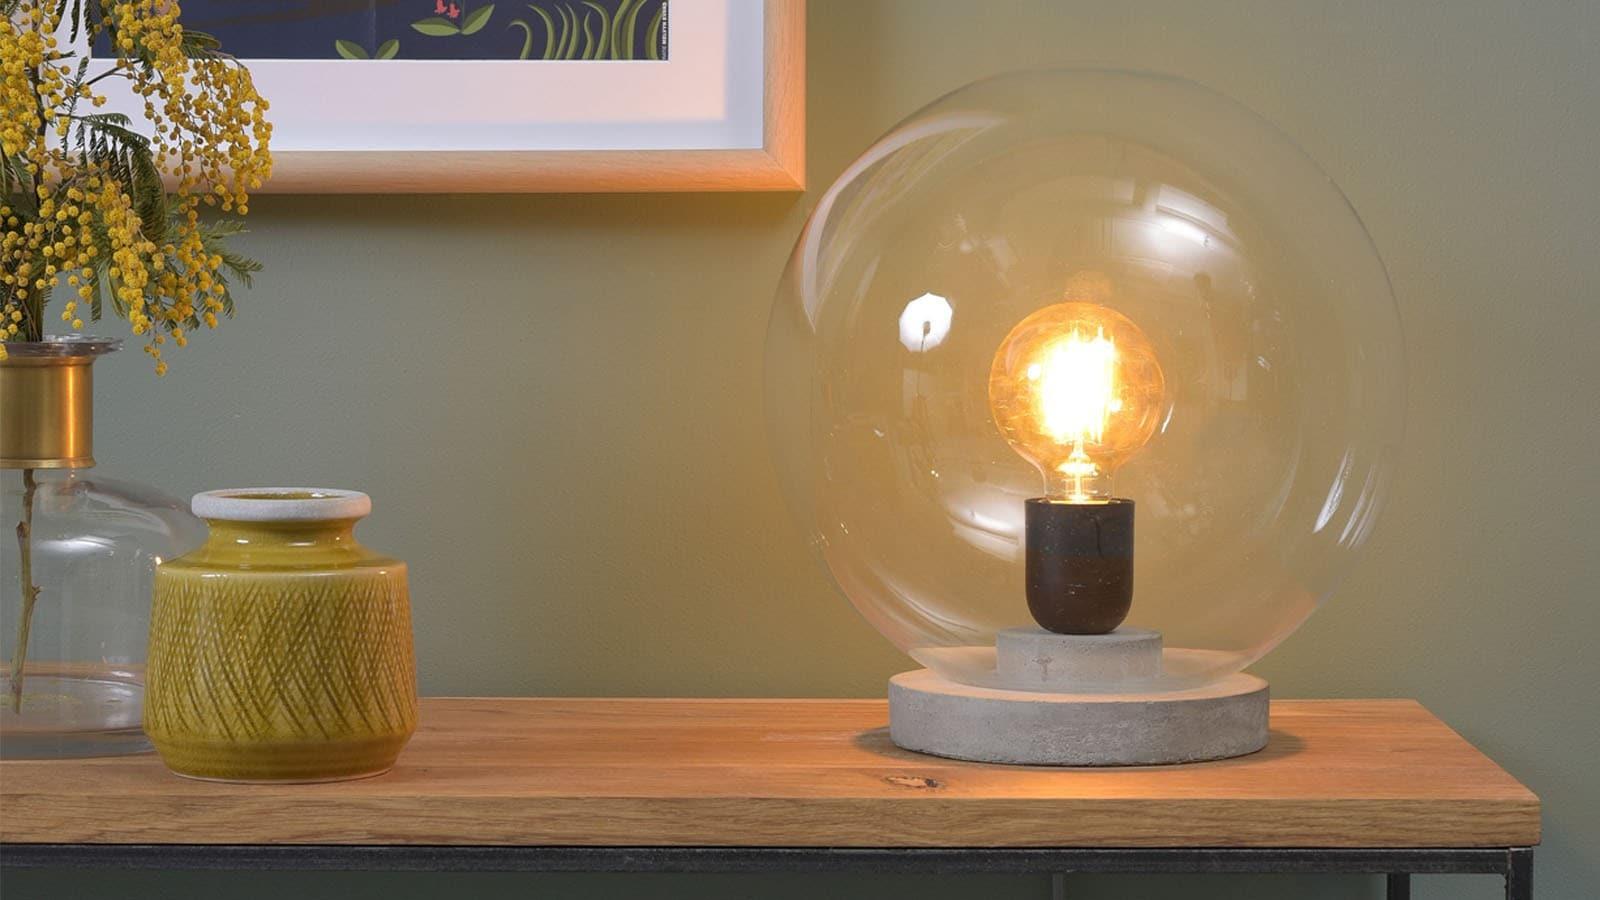 Lampe à poser en verre collection Warsaw chez Homifab